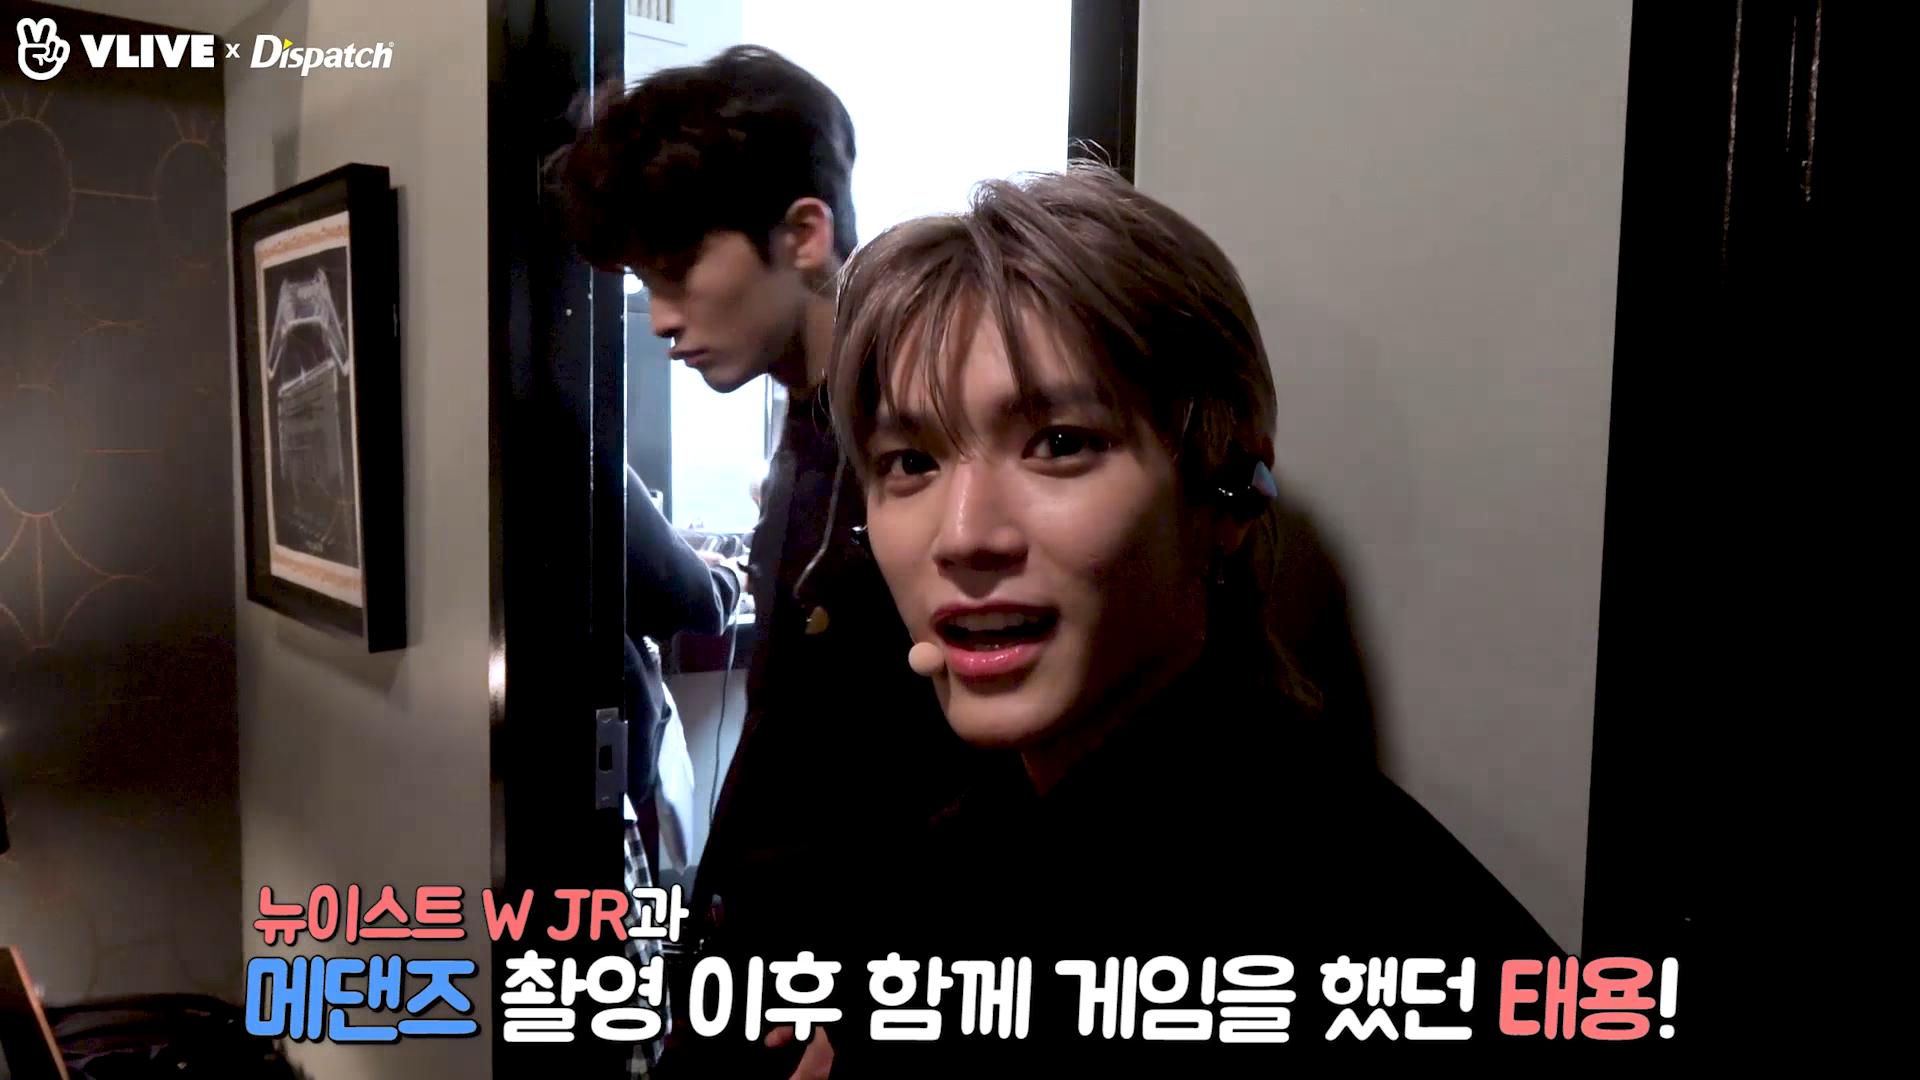 """[ⓓxV] """"JR 씨랑 게임했어요"""" (태용 : TAEYONG)"""